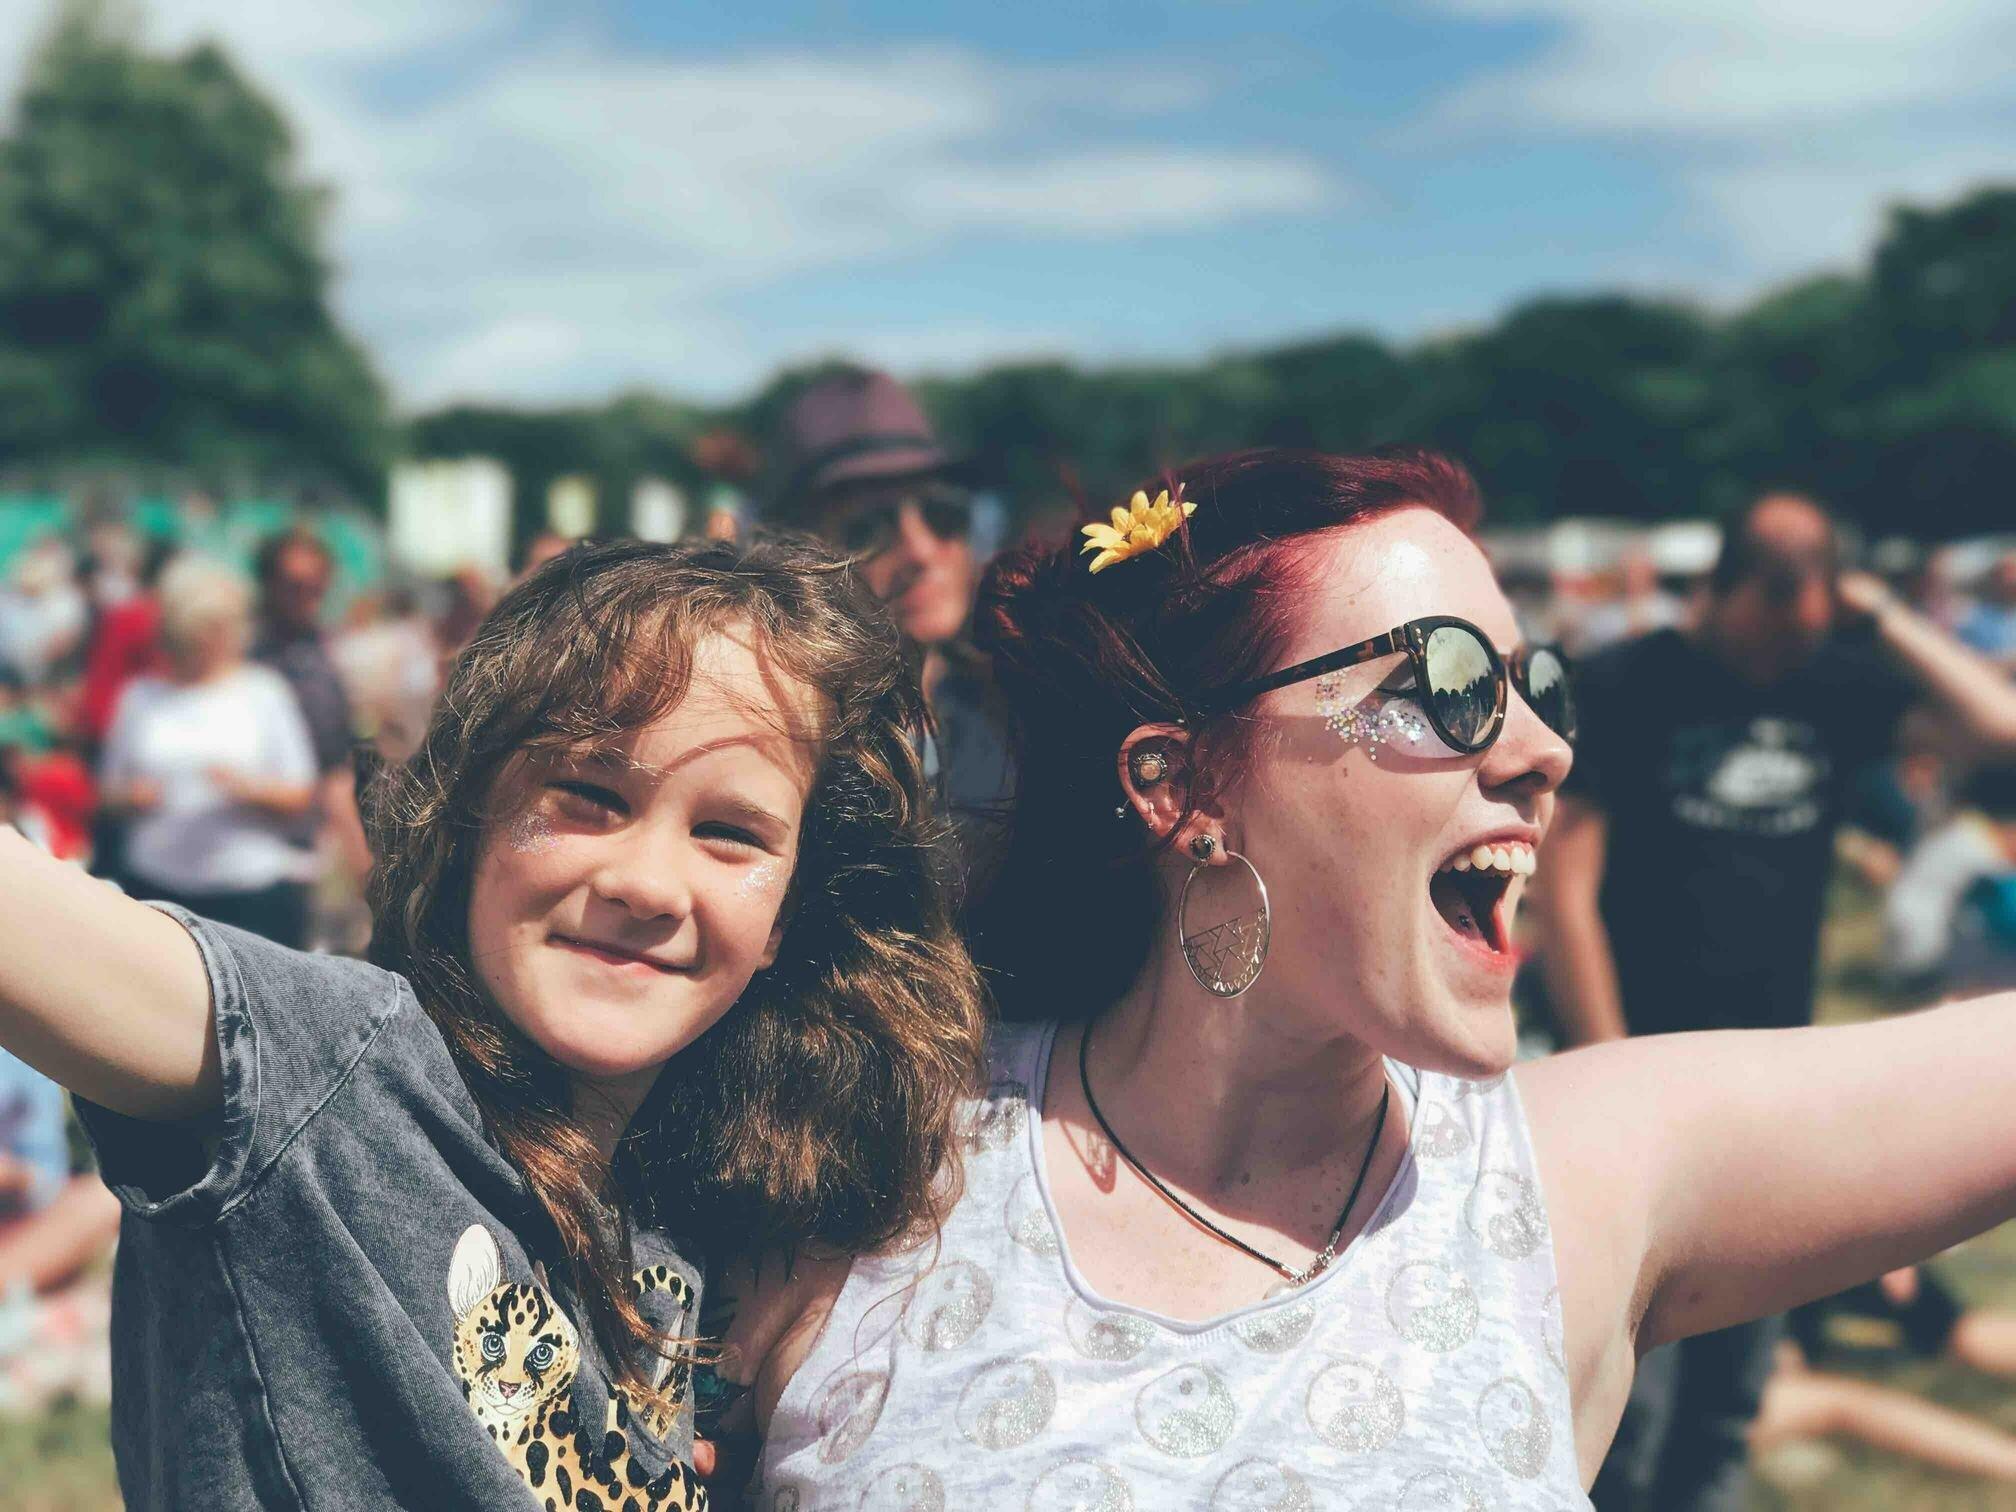 Menina e mulher lado a lado, de braços abertos e sorrindo, durante um festival.